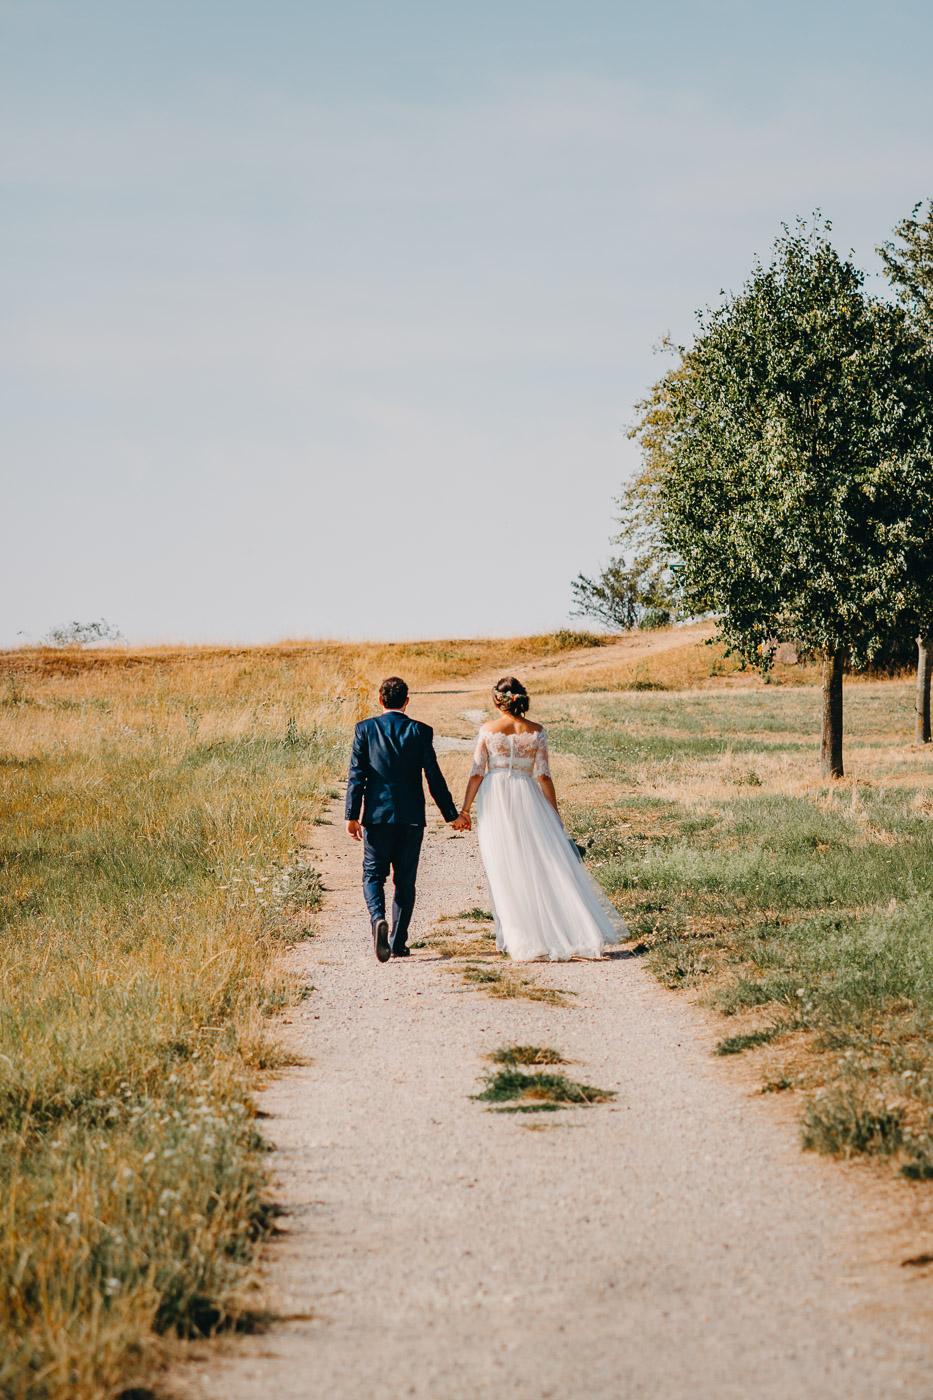 ZIBART.DE - wedding - lowq - 2018.08.04 - 2667.JPG